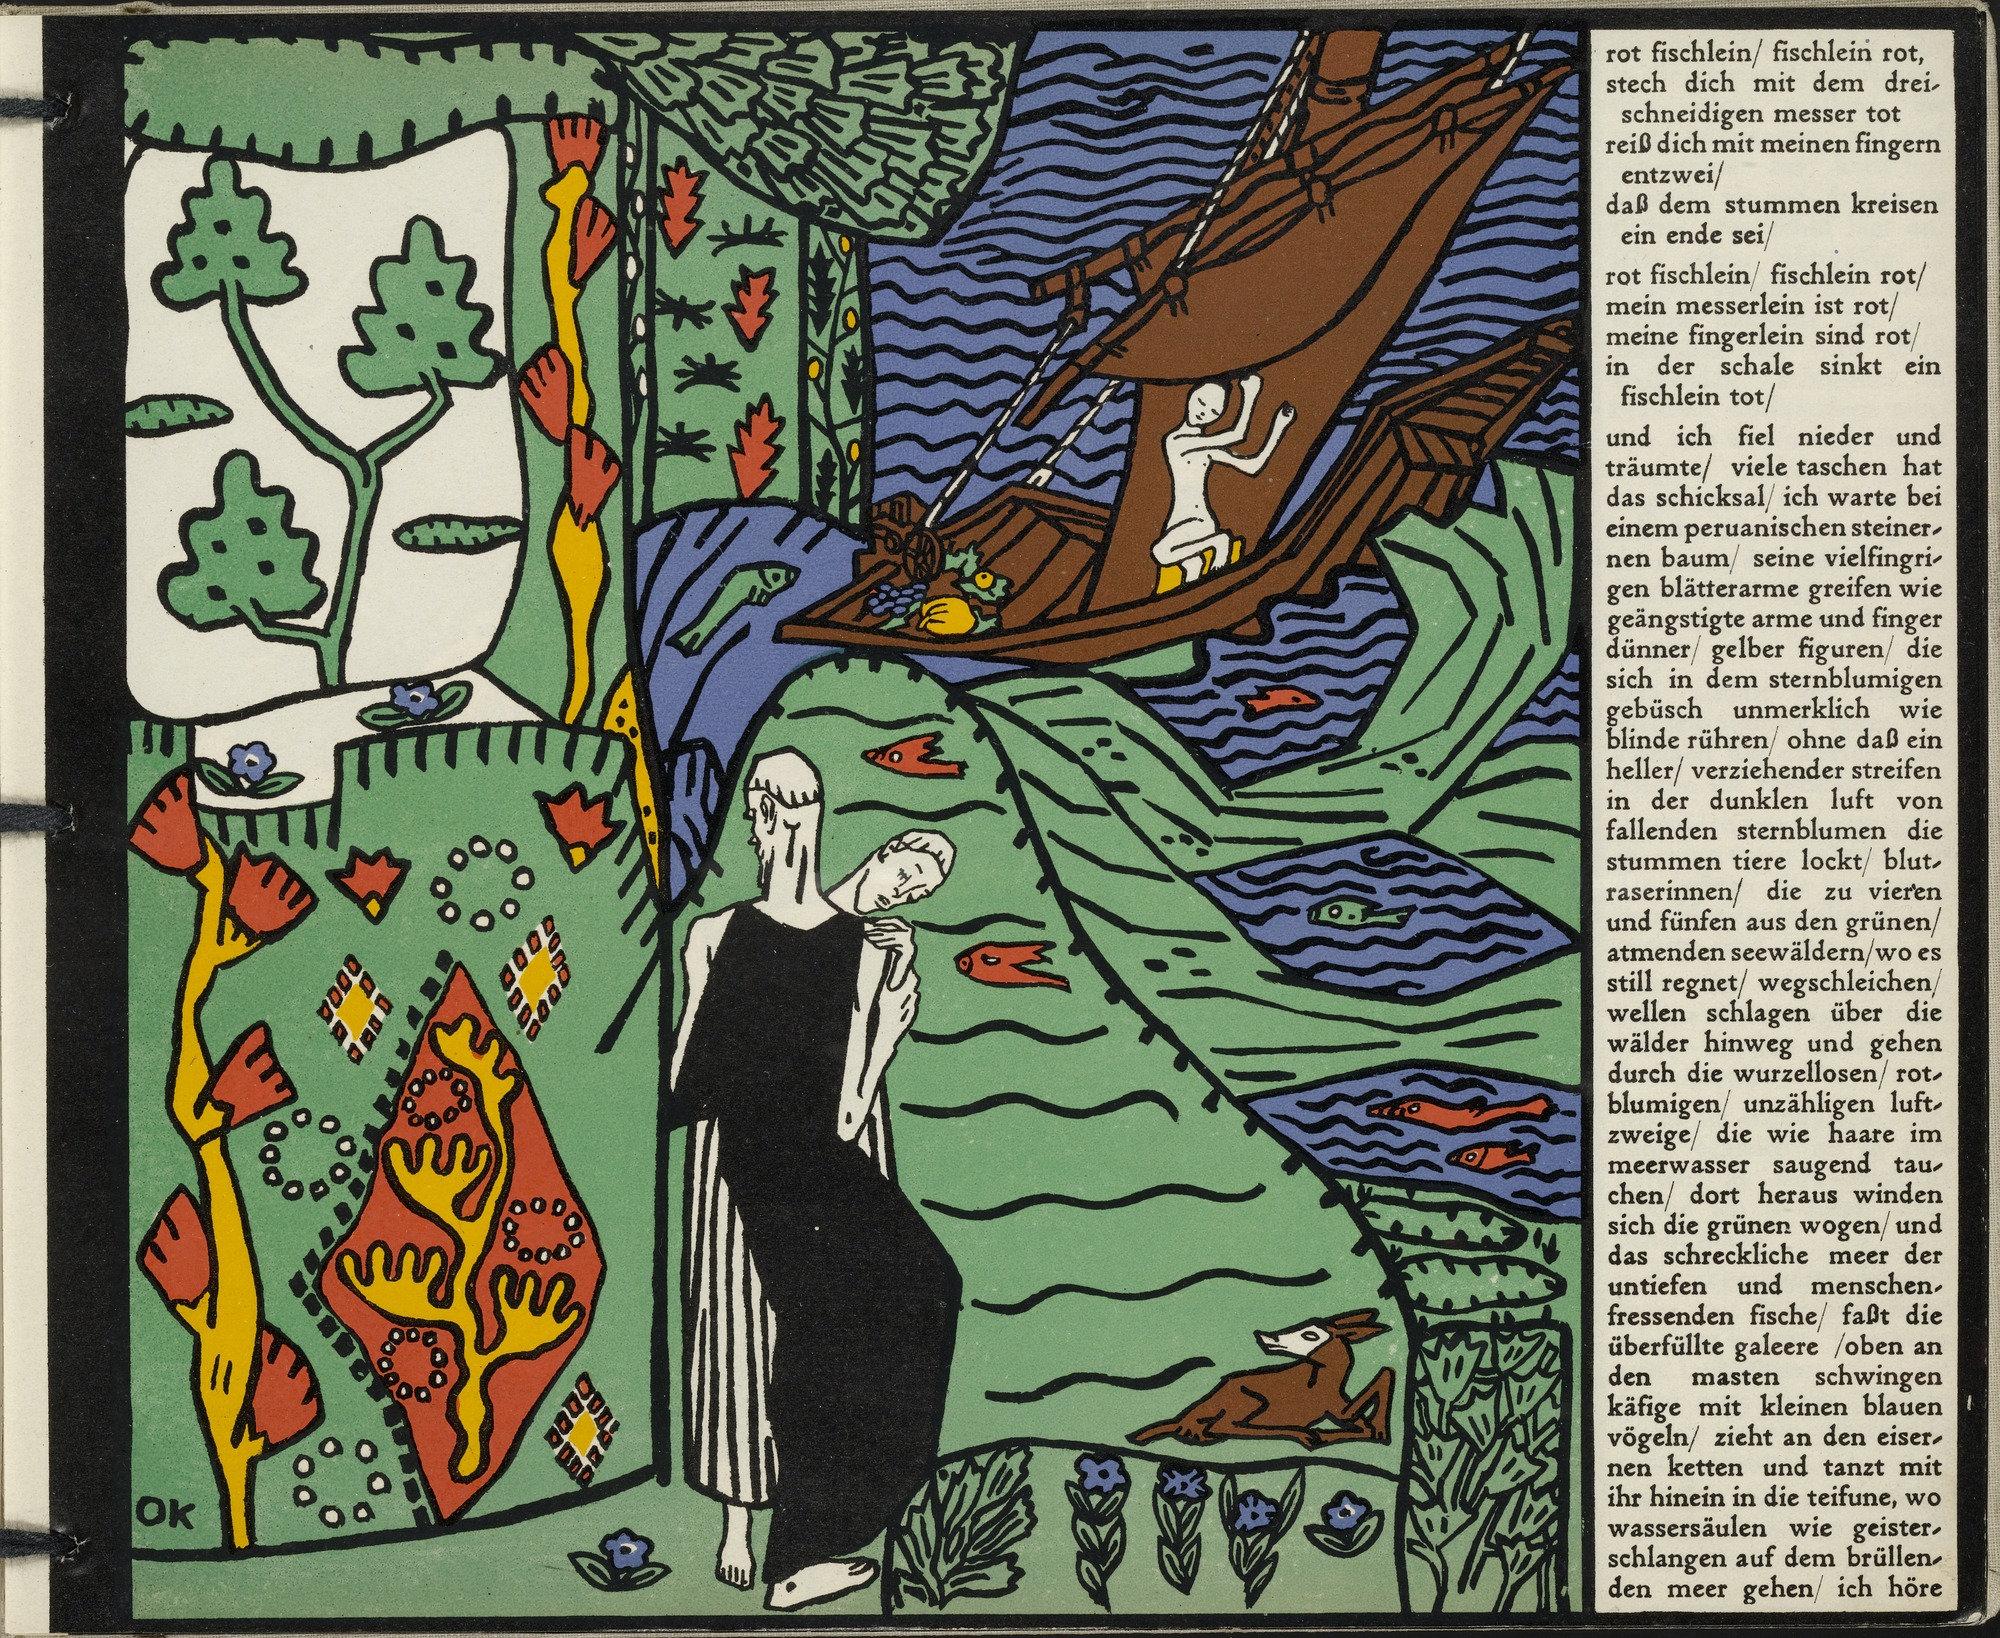 Moma The Collection Oskar Kokoschka The Sailboat Das